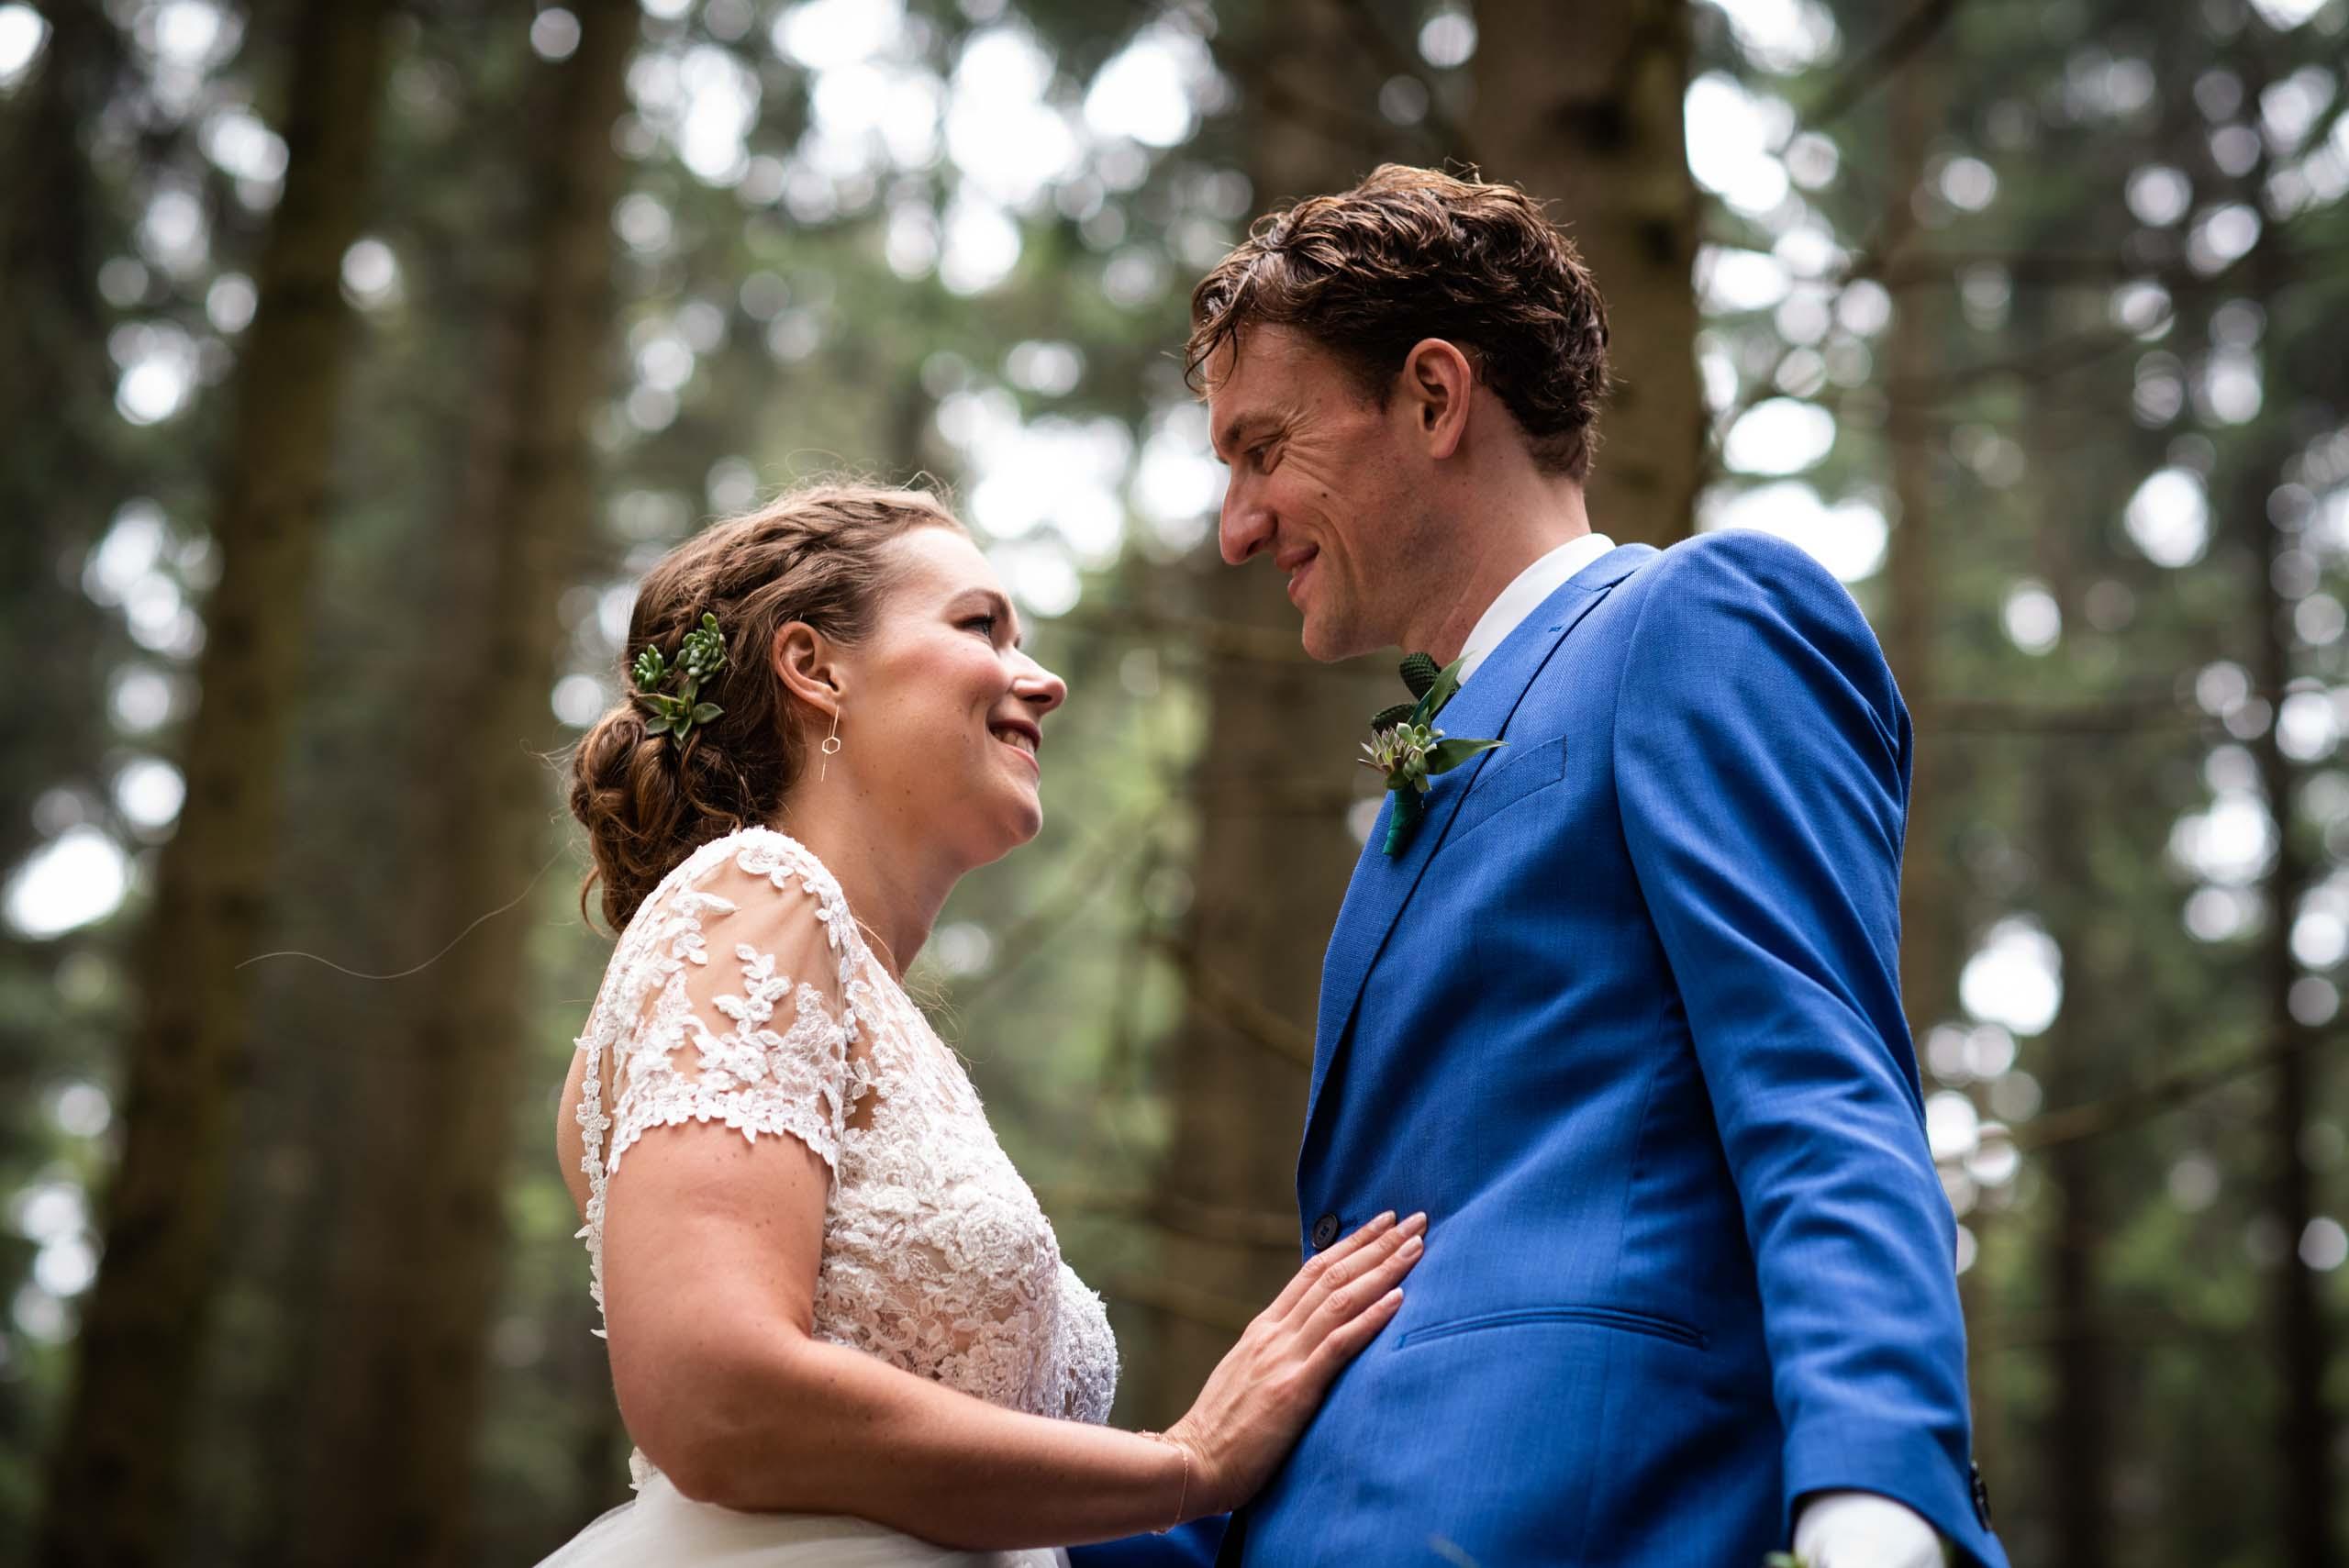 trouwen in het bos fotoshoot